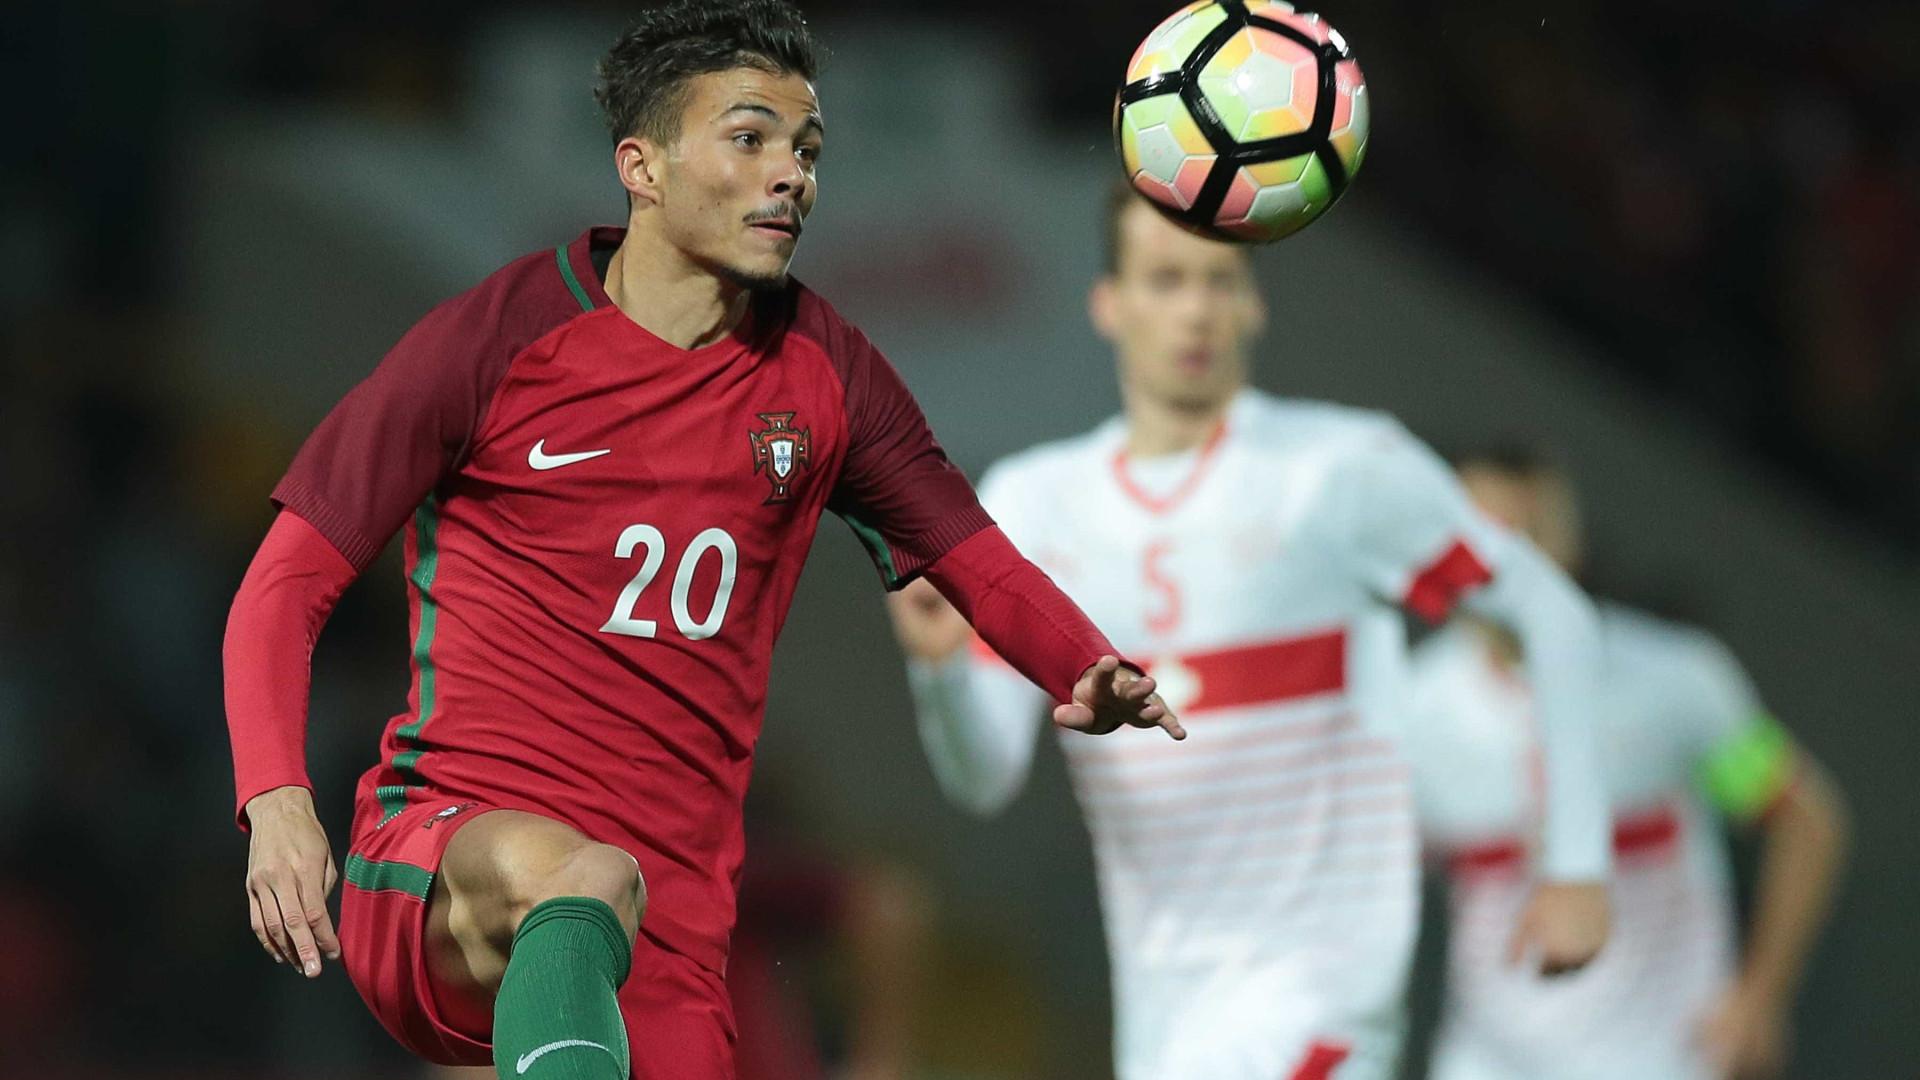 Sub-21 de Portugal regressam aos triunfos